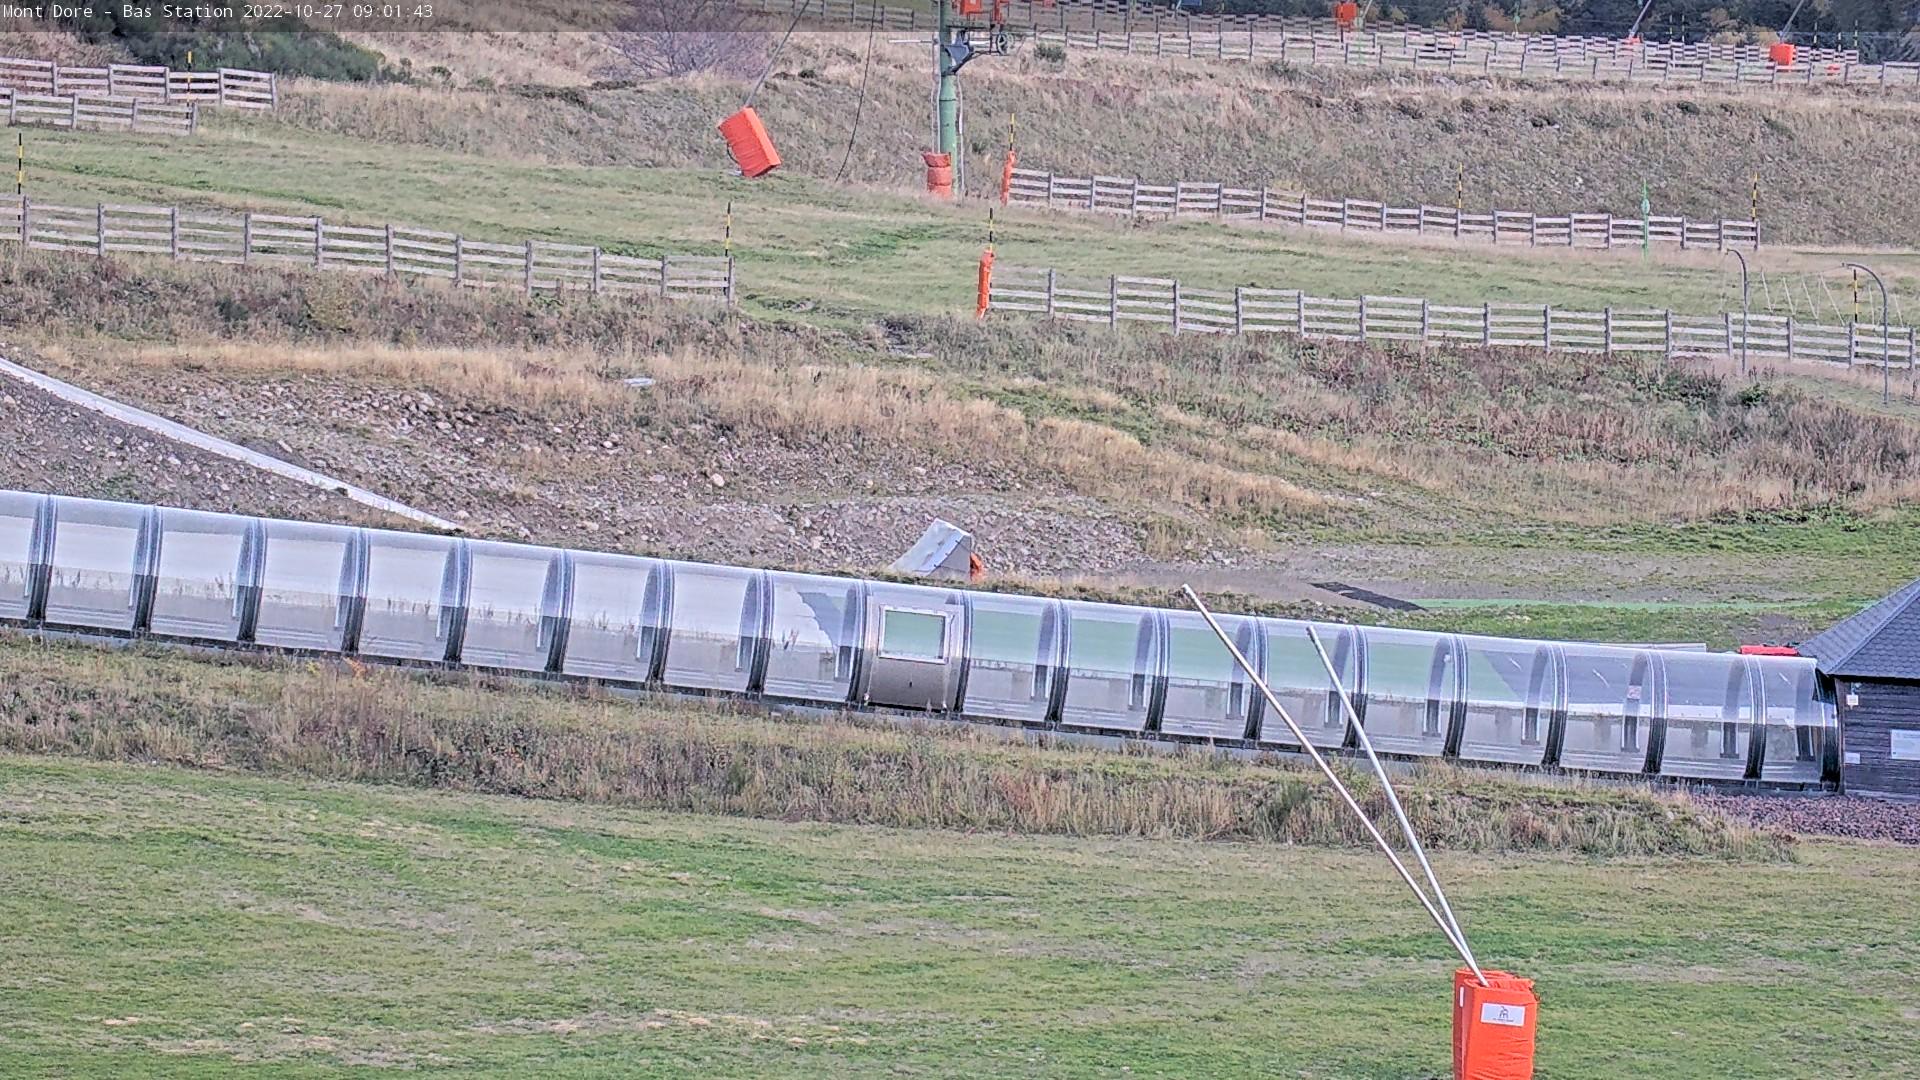 webcam Le Mont Dore